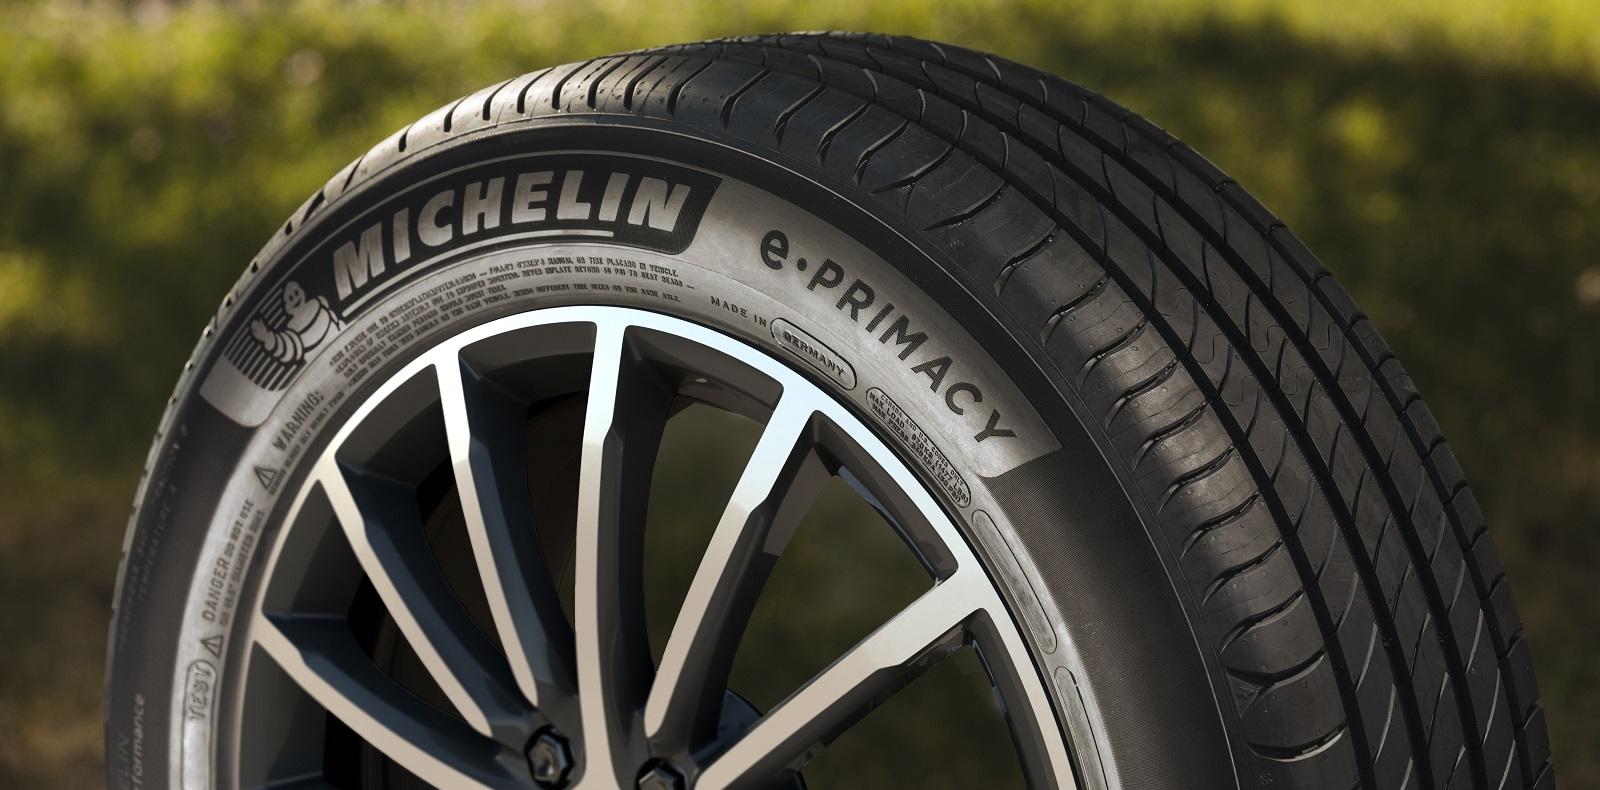 Michelin E-primacy a környezettudatos nyári gumiabroncs